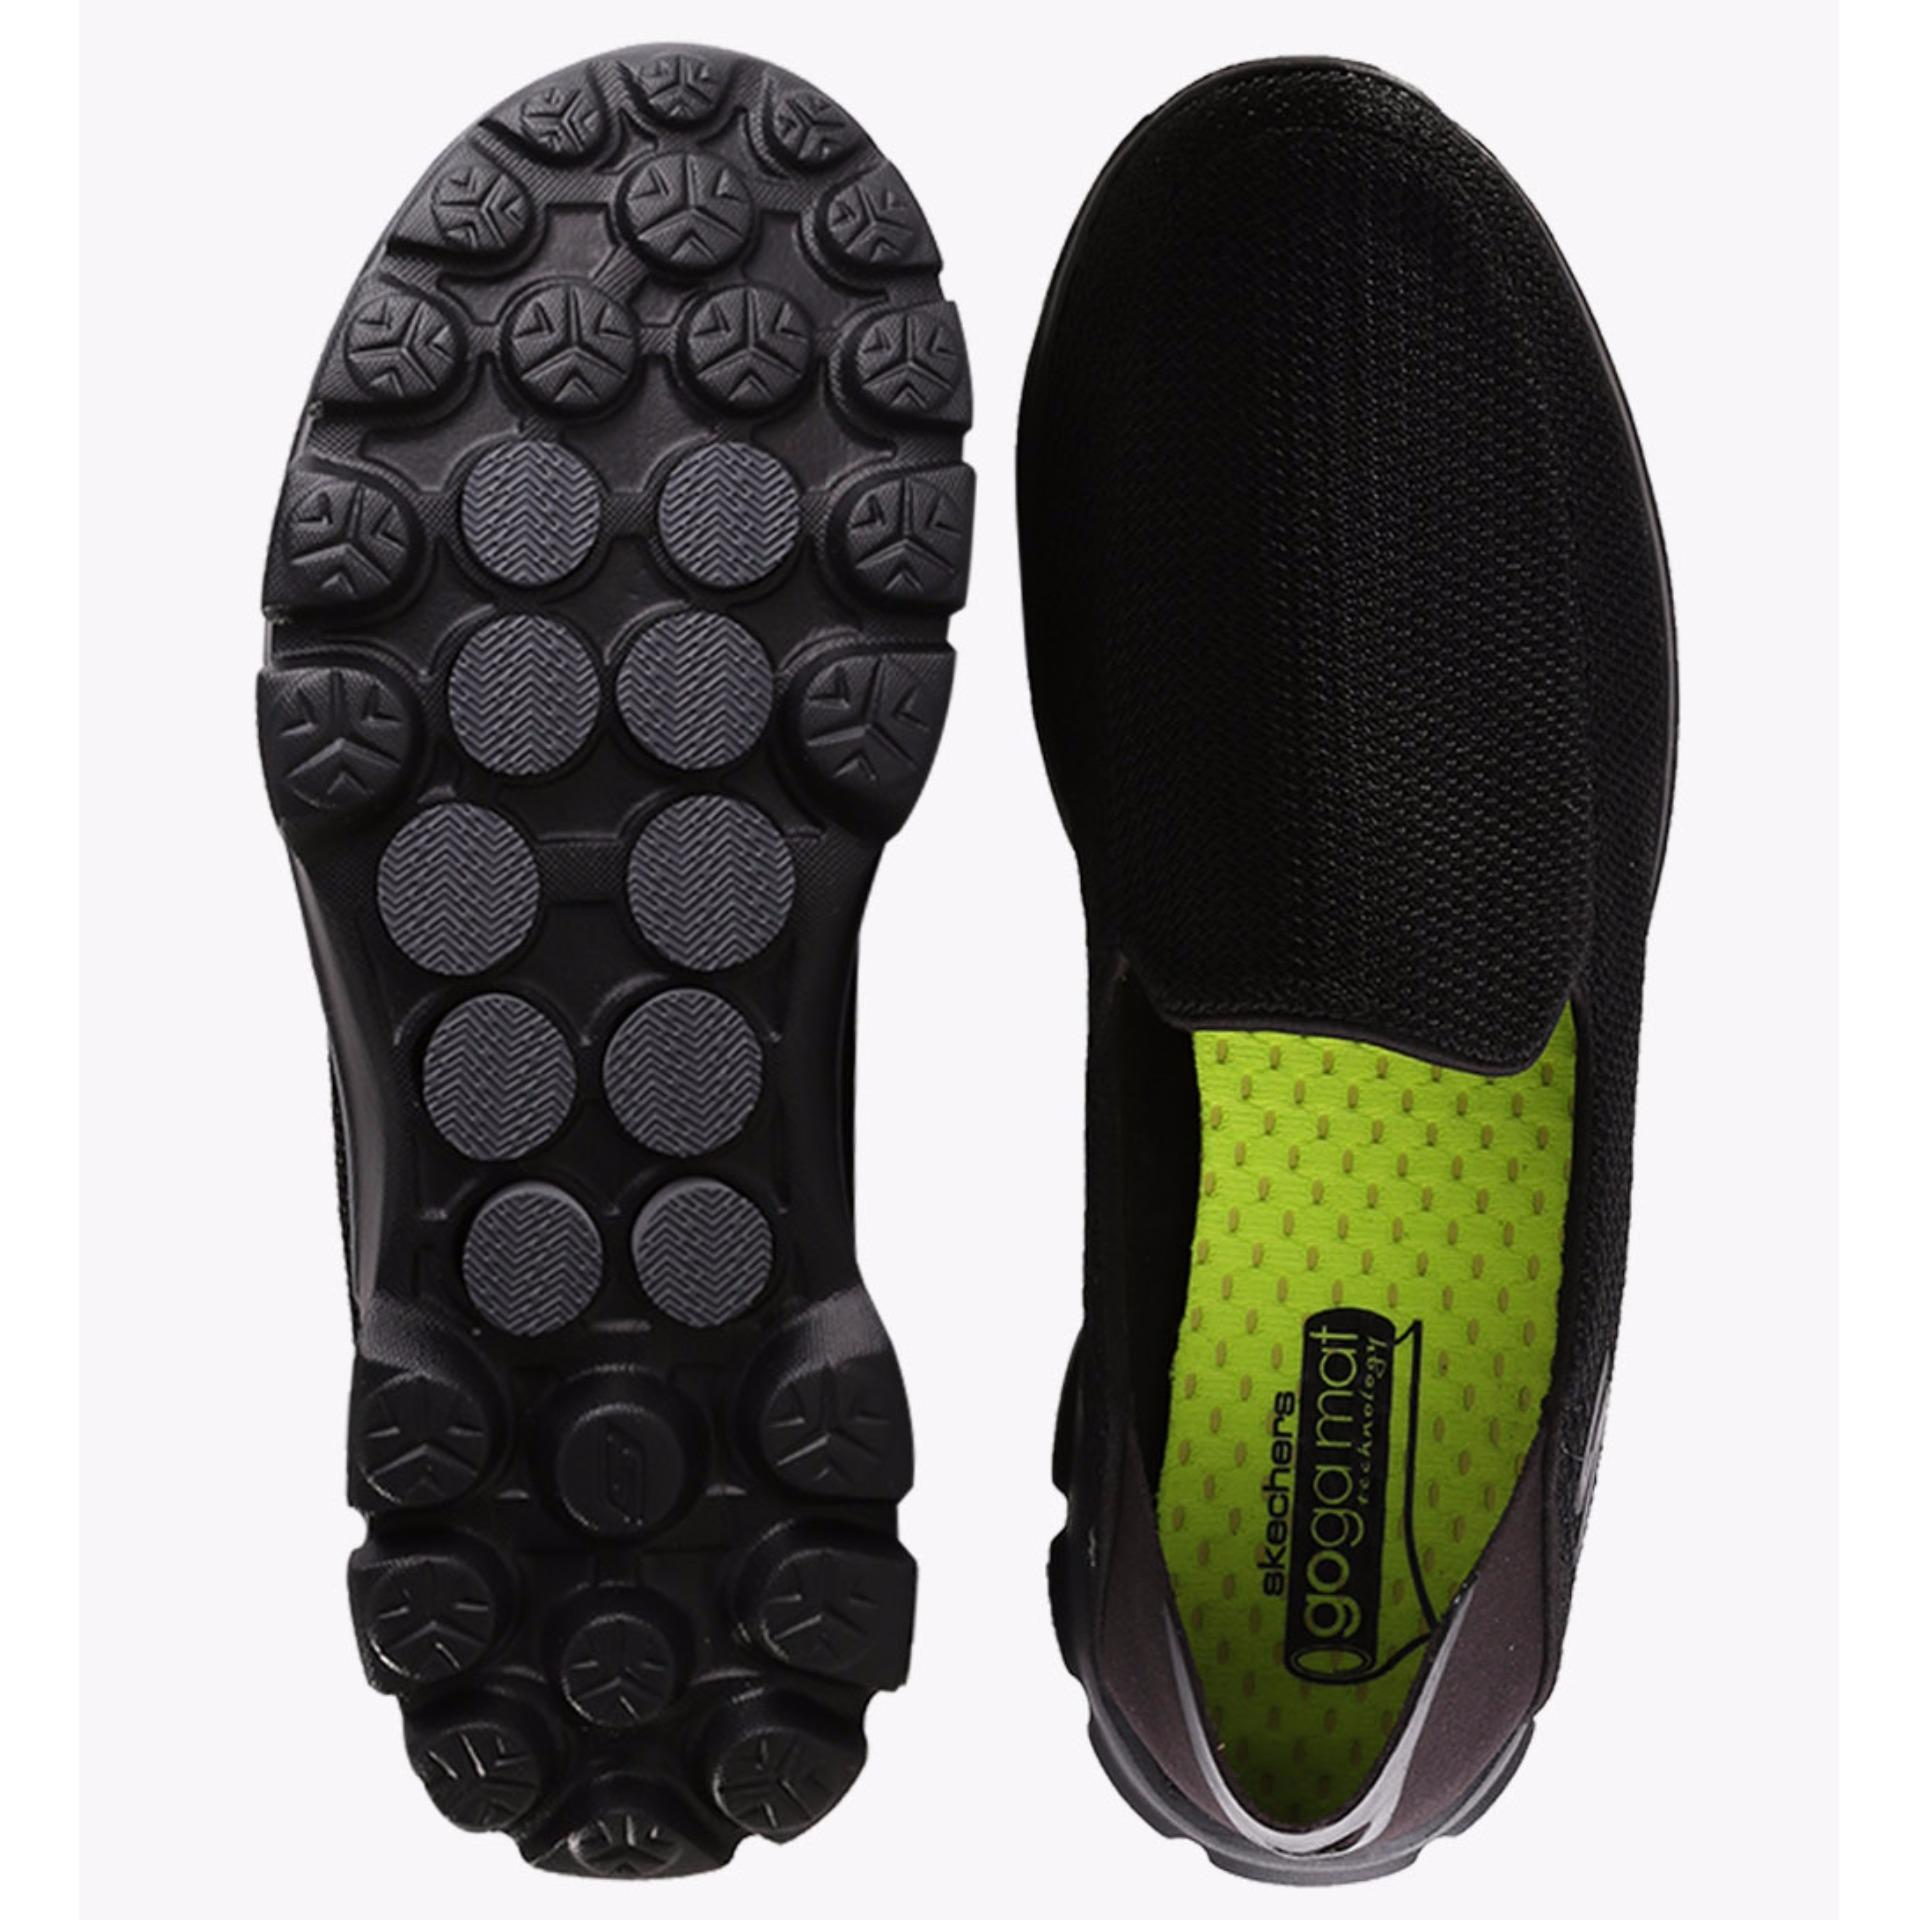 Harga Penawaran Skechers GOwalk 3 - Lounge Walking Men s Sneakers ... 8ae797ae12